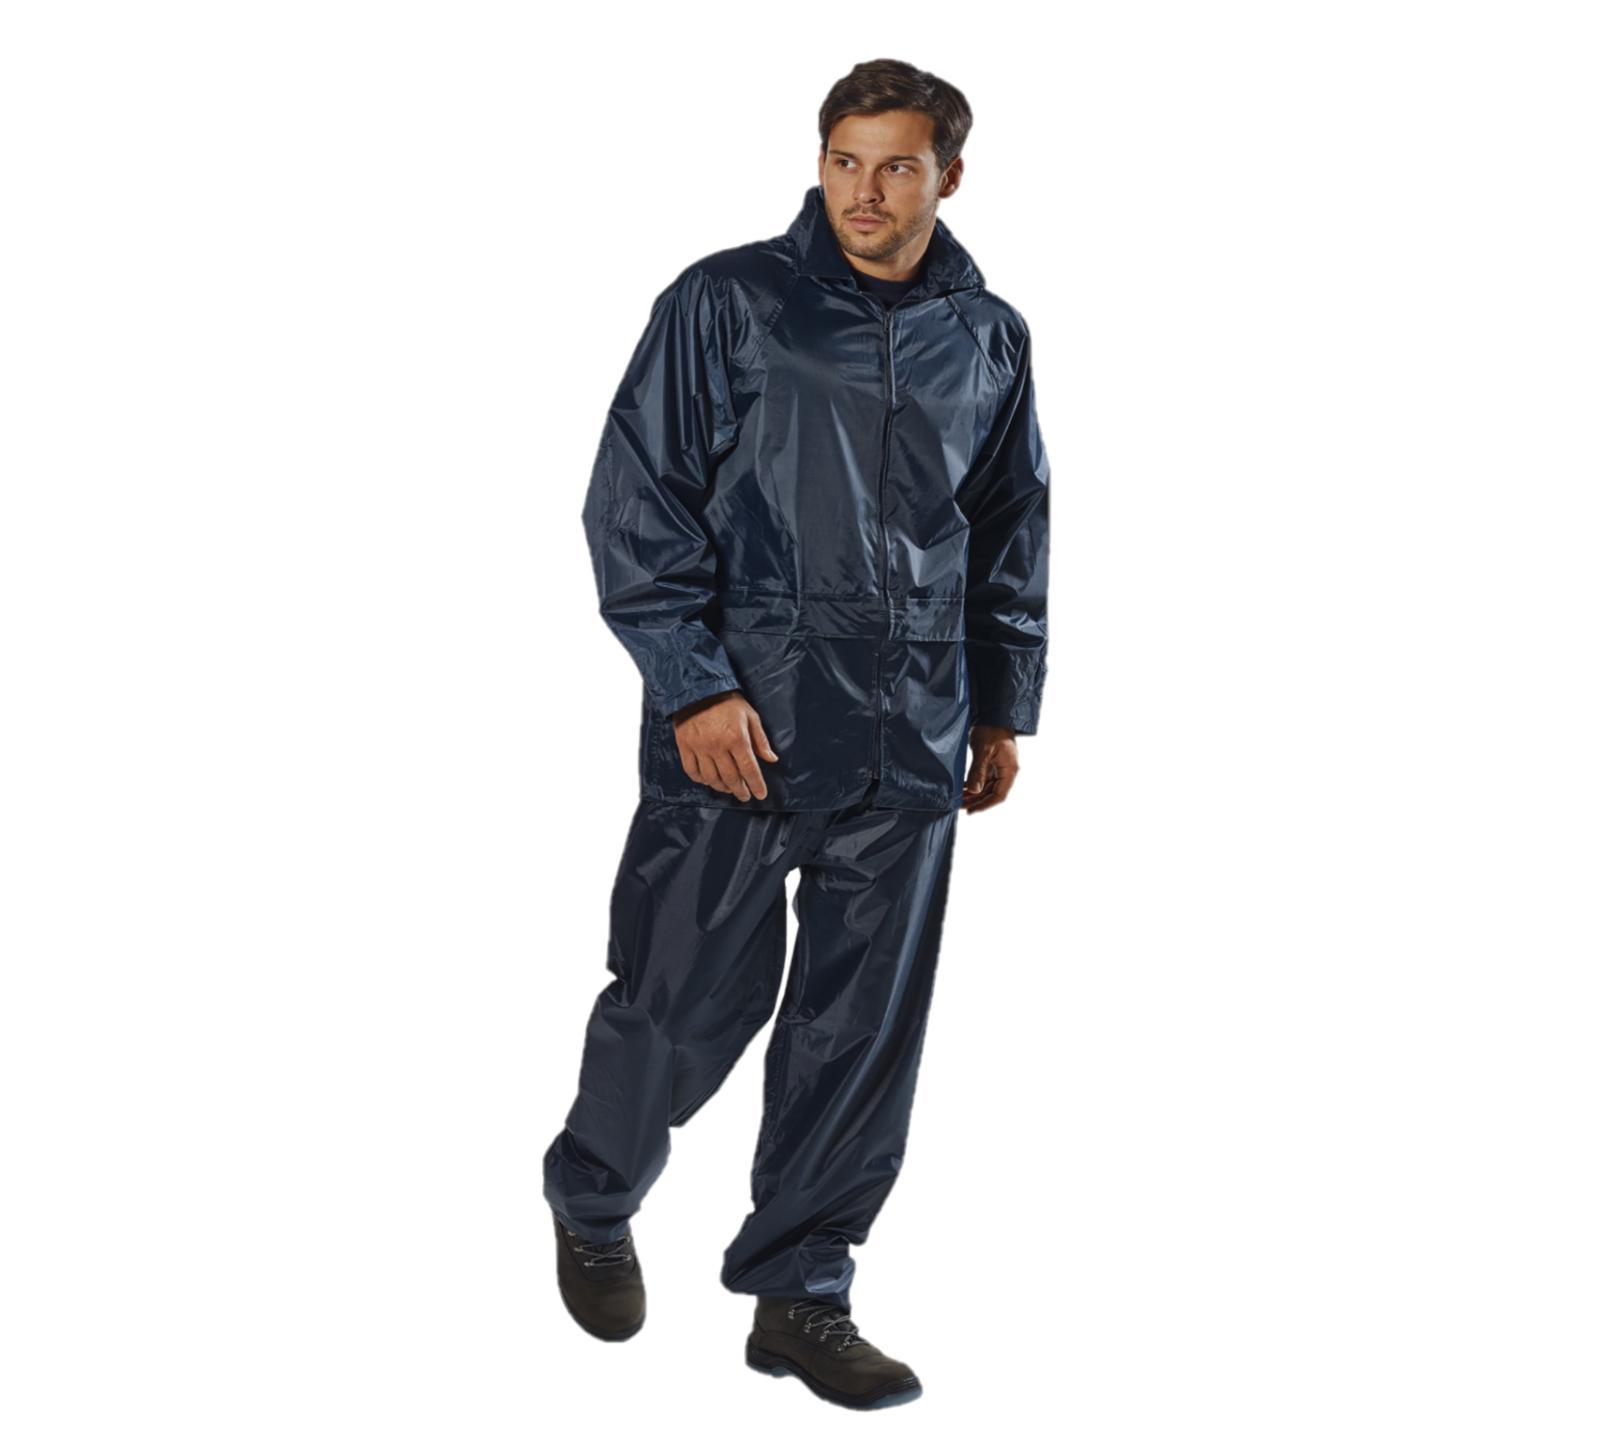 Portwest Rain Jacket Waterproof Winter S440